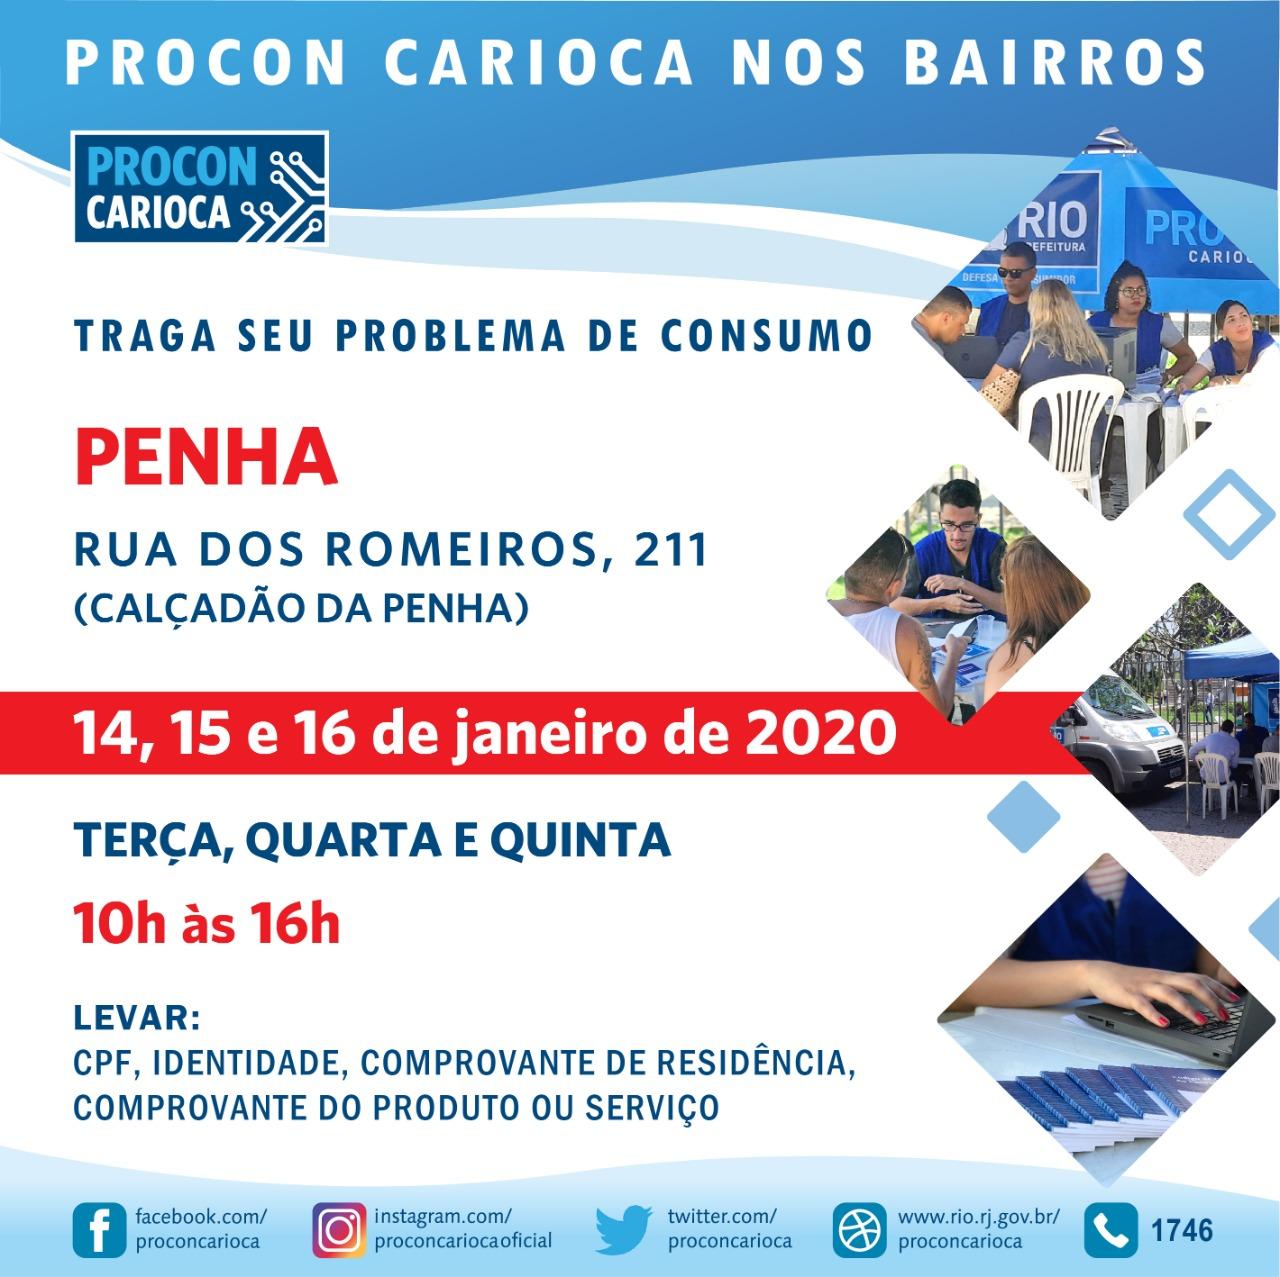 Penha recebe atendimento do Procon Carioca